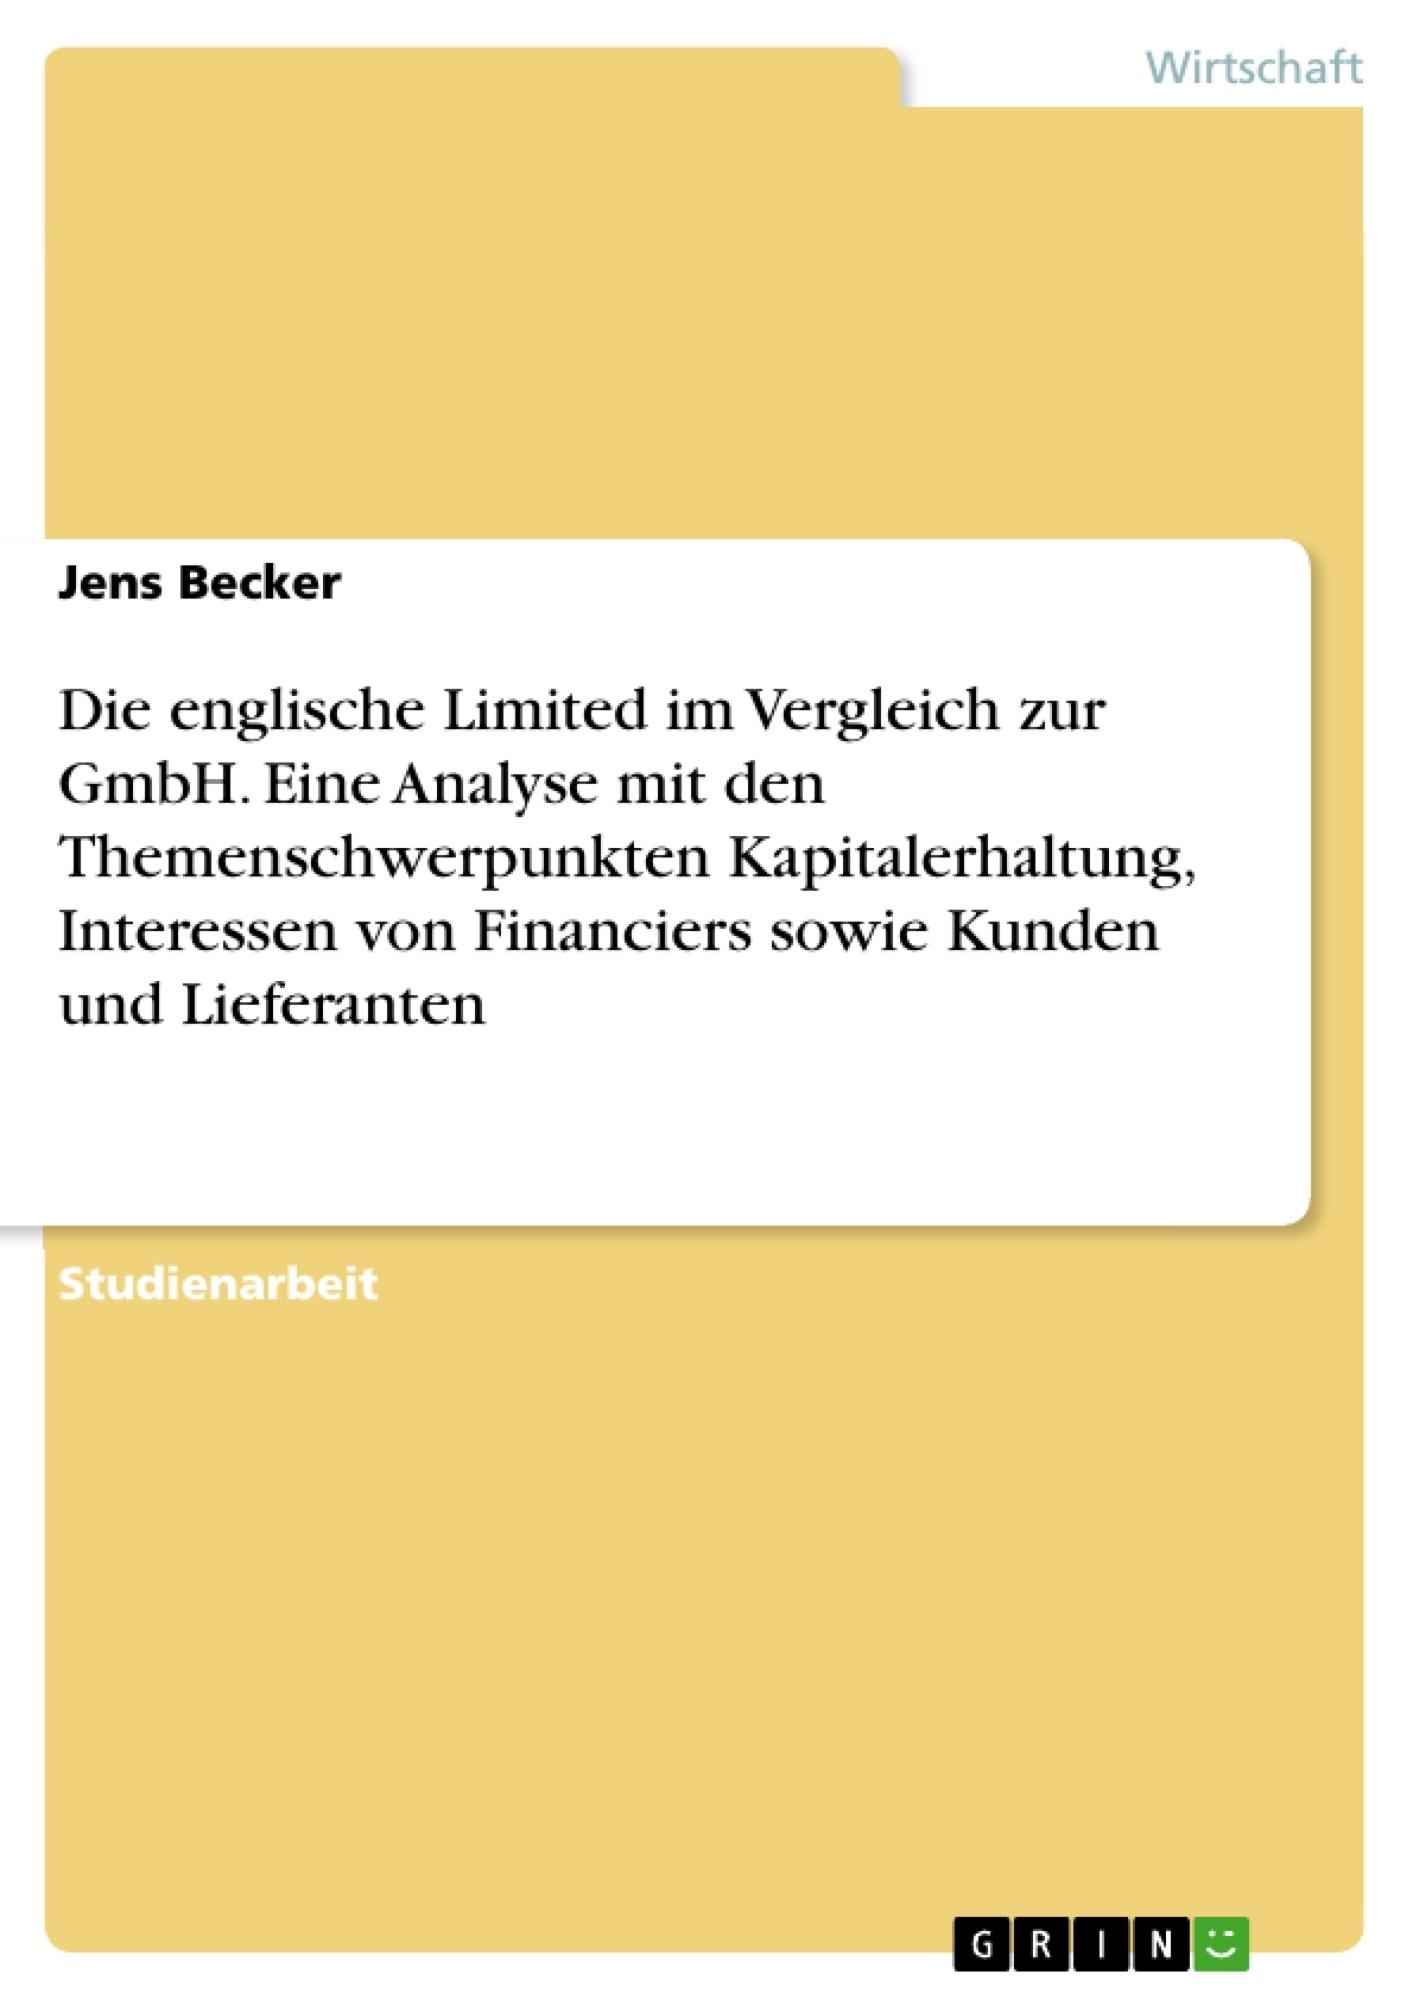 Titel: Die englische Limited im Vergleich zur GmbH. Eine Analyse mit den Themenschwerpunkten Kapitalerhaltung, Interessen von Financiers sowie Kunden und Lieferanten